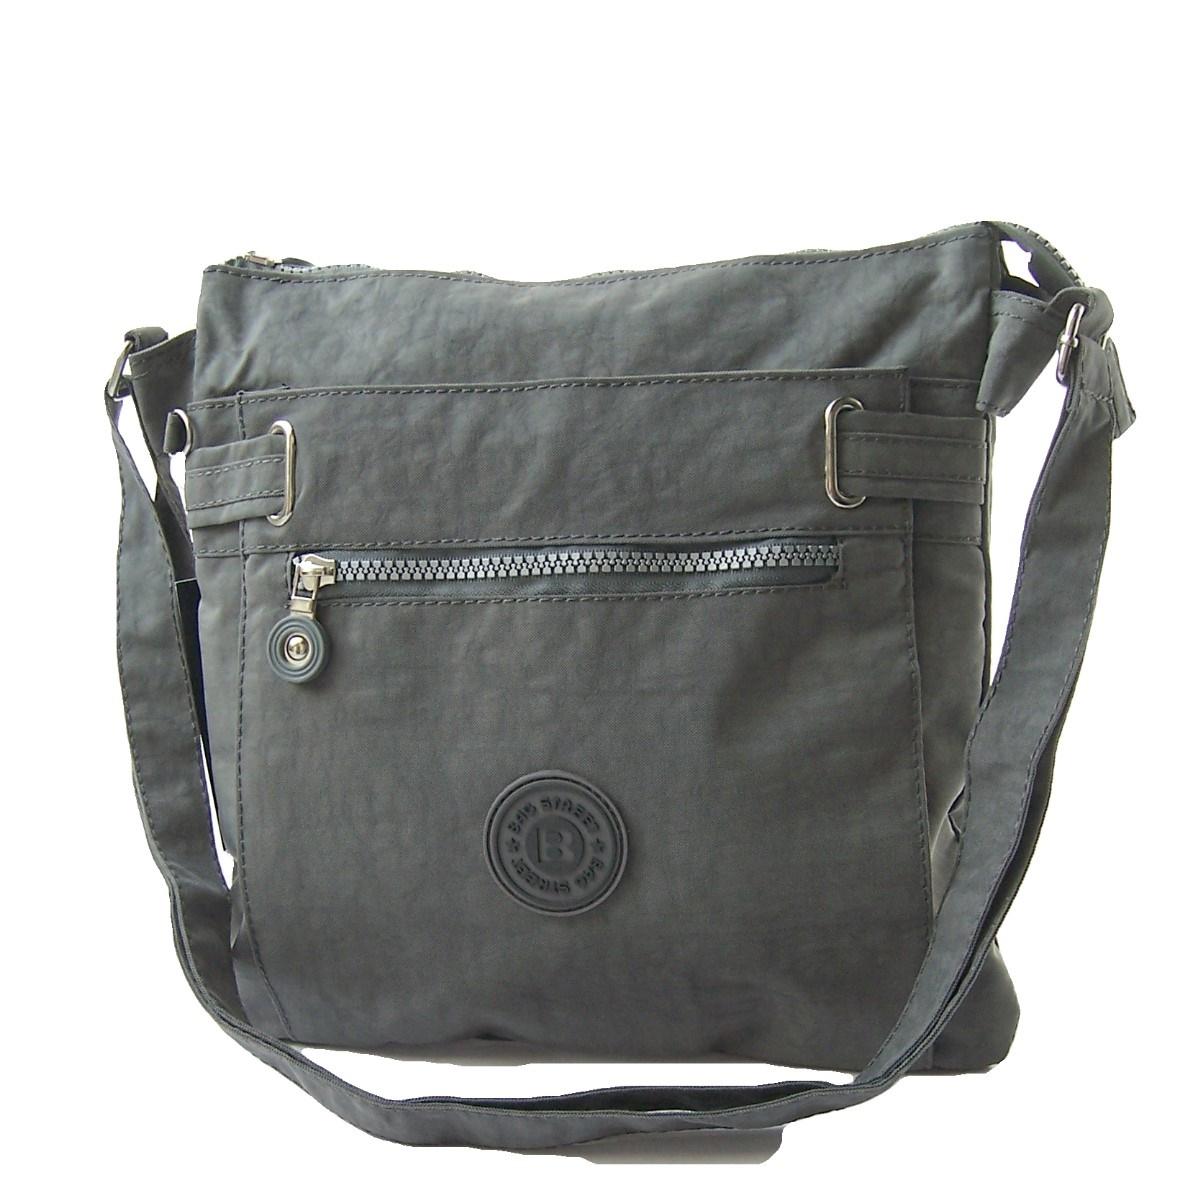 Tasche Umhängetasche Handtasche Bag Street Nylon grau Ta7044